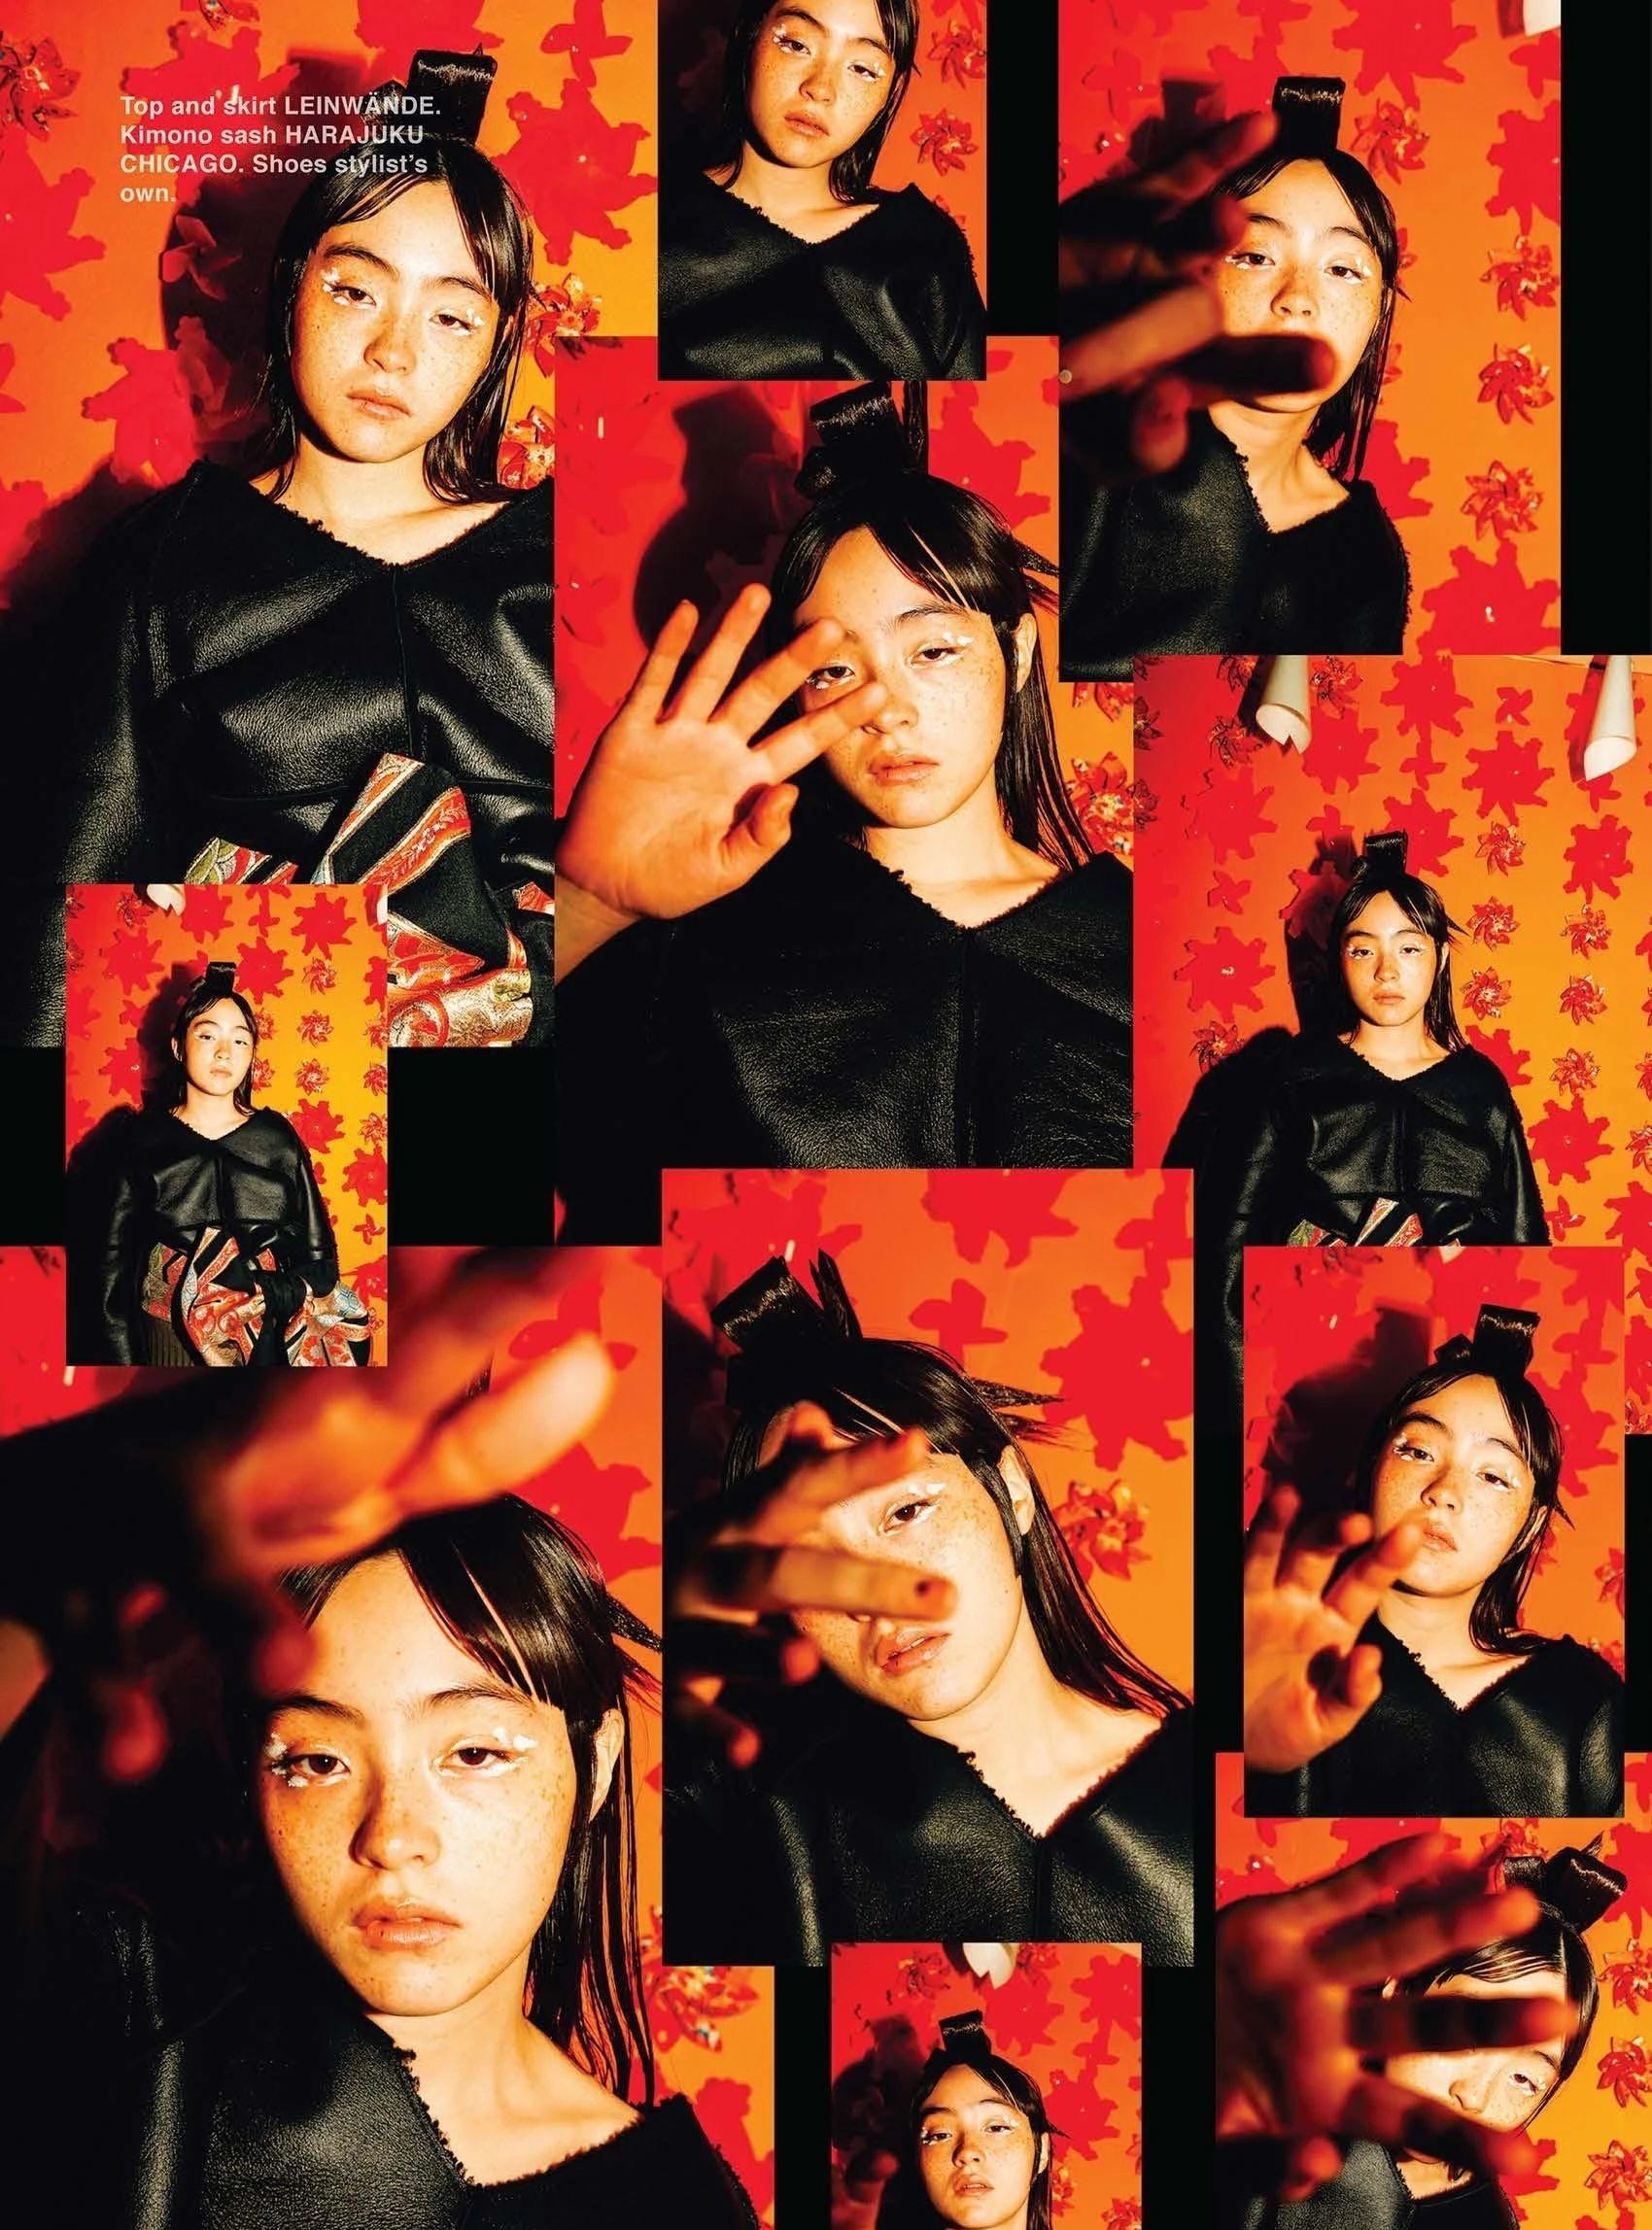 满脸雀斑却依旧很美的混血模特世理奈写真作品 (2)